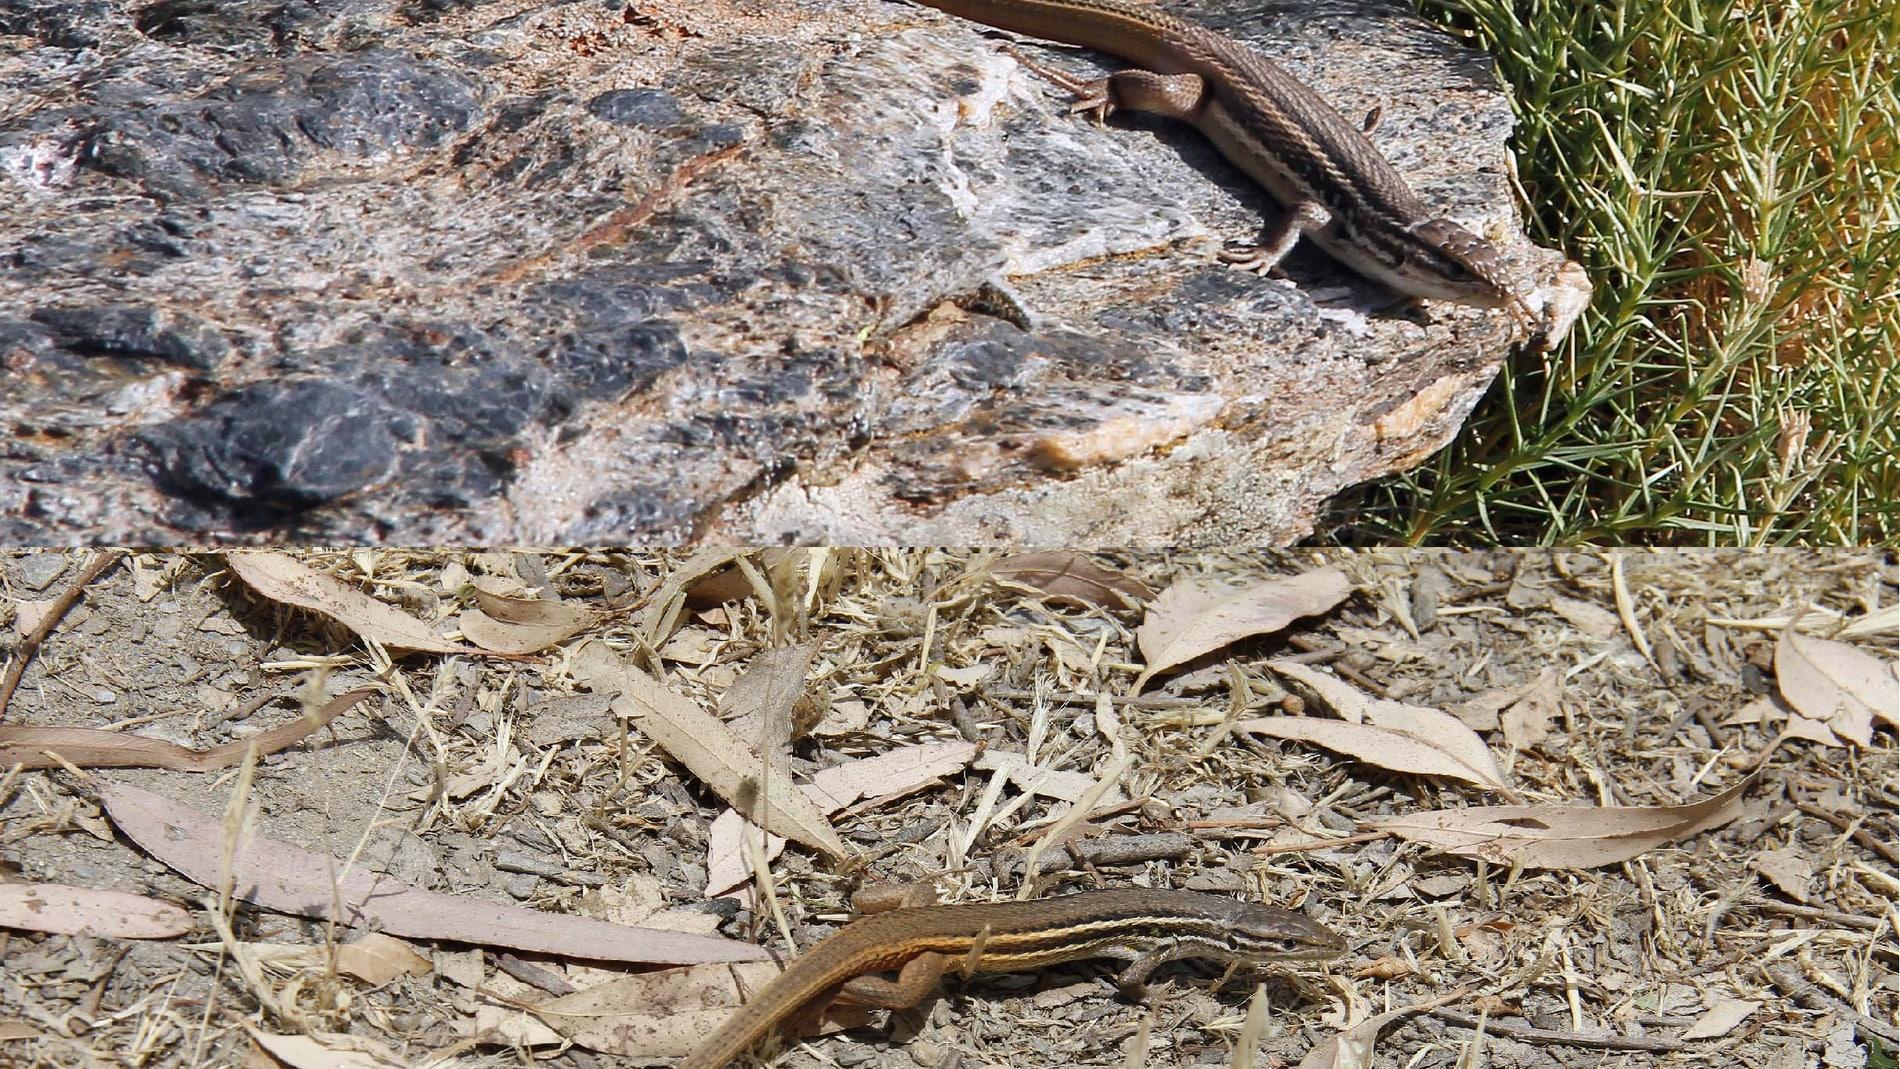 Dos ejemplares de lagartija colilarga de